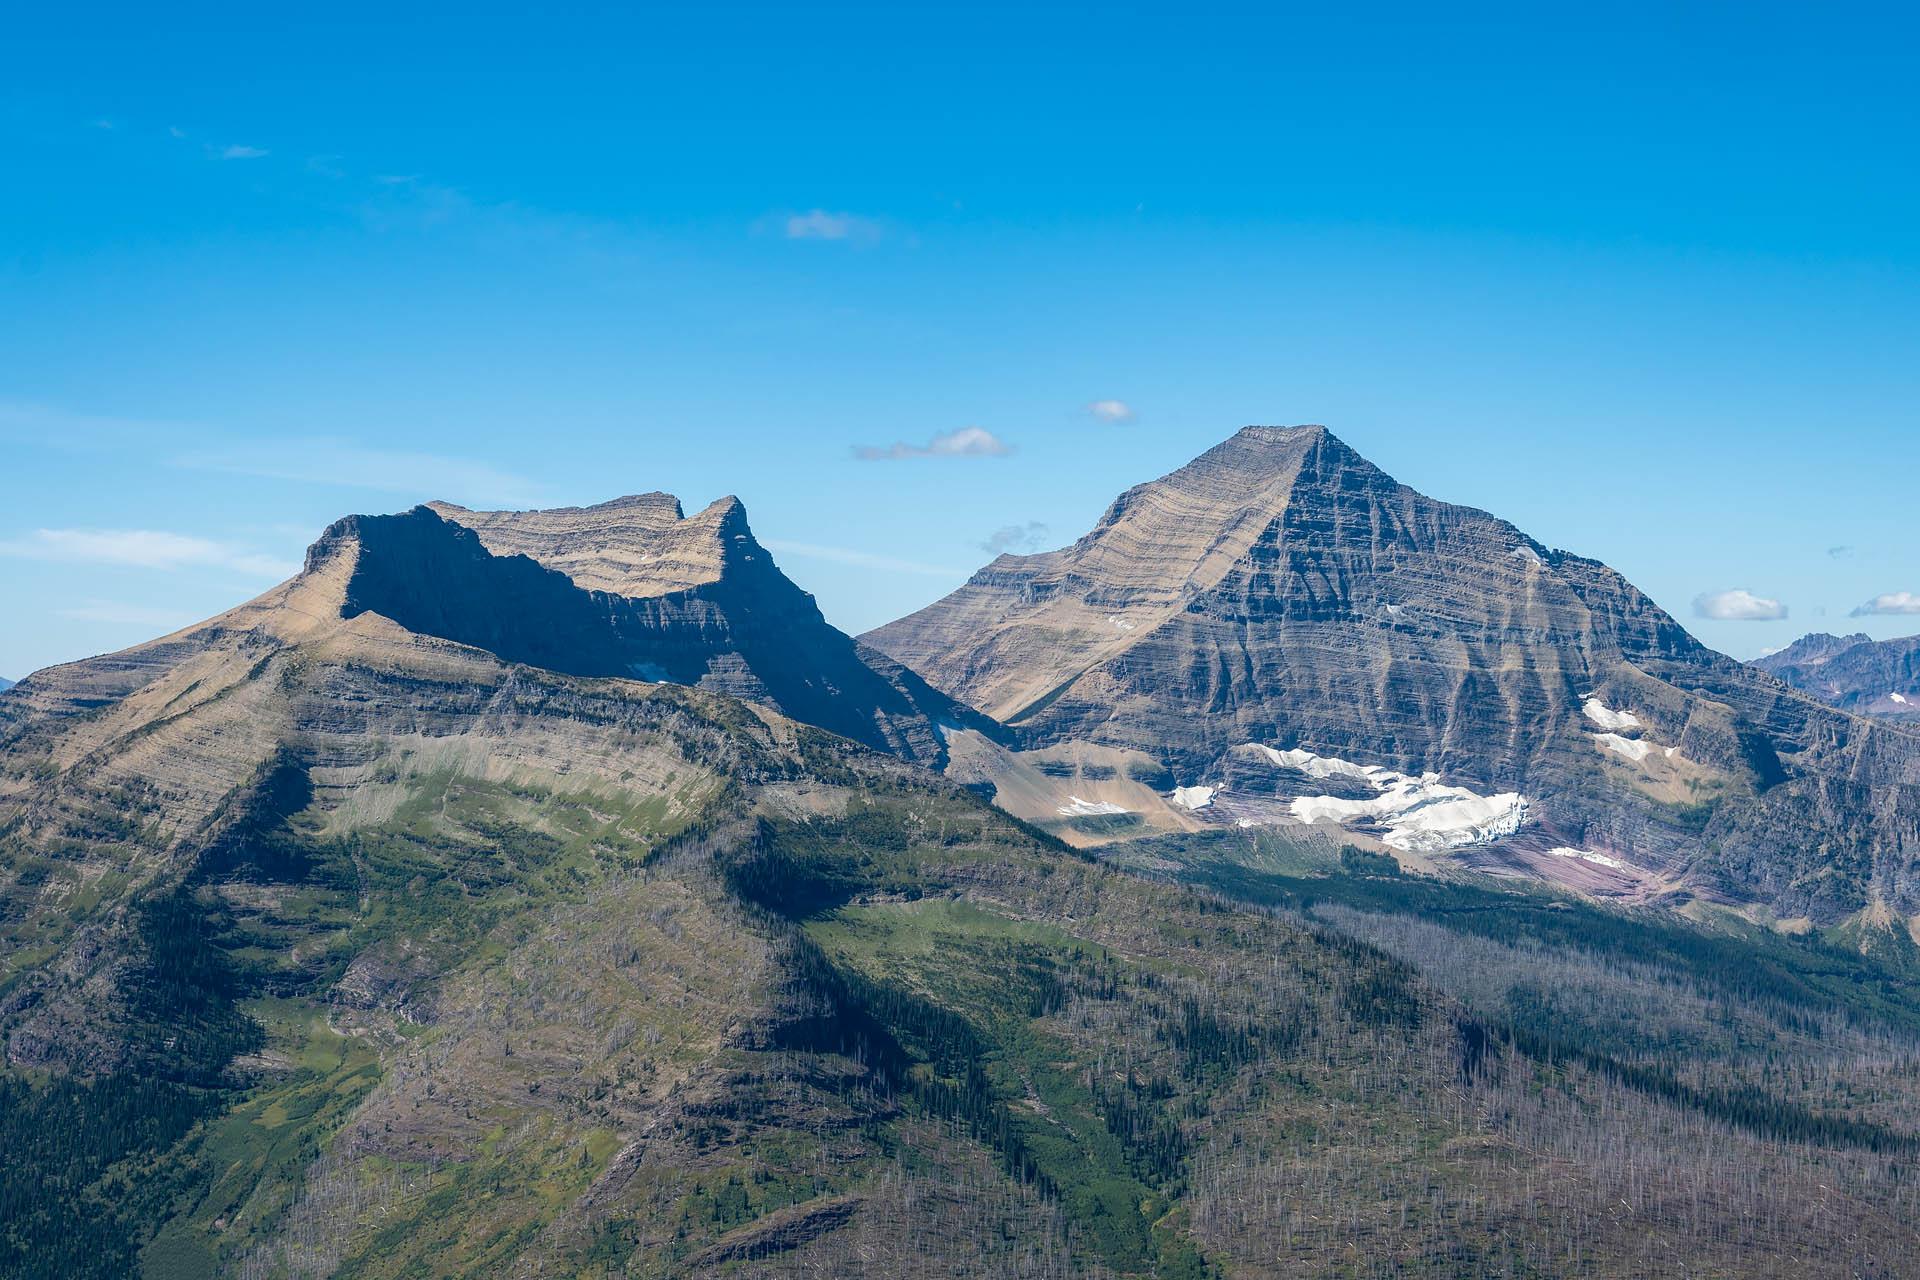 Mt. Pinchot & Mt. Stimson